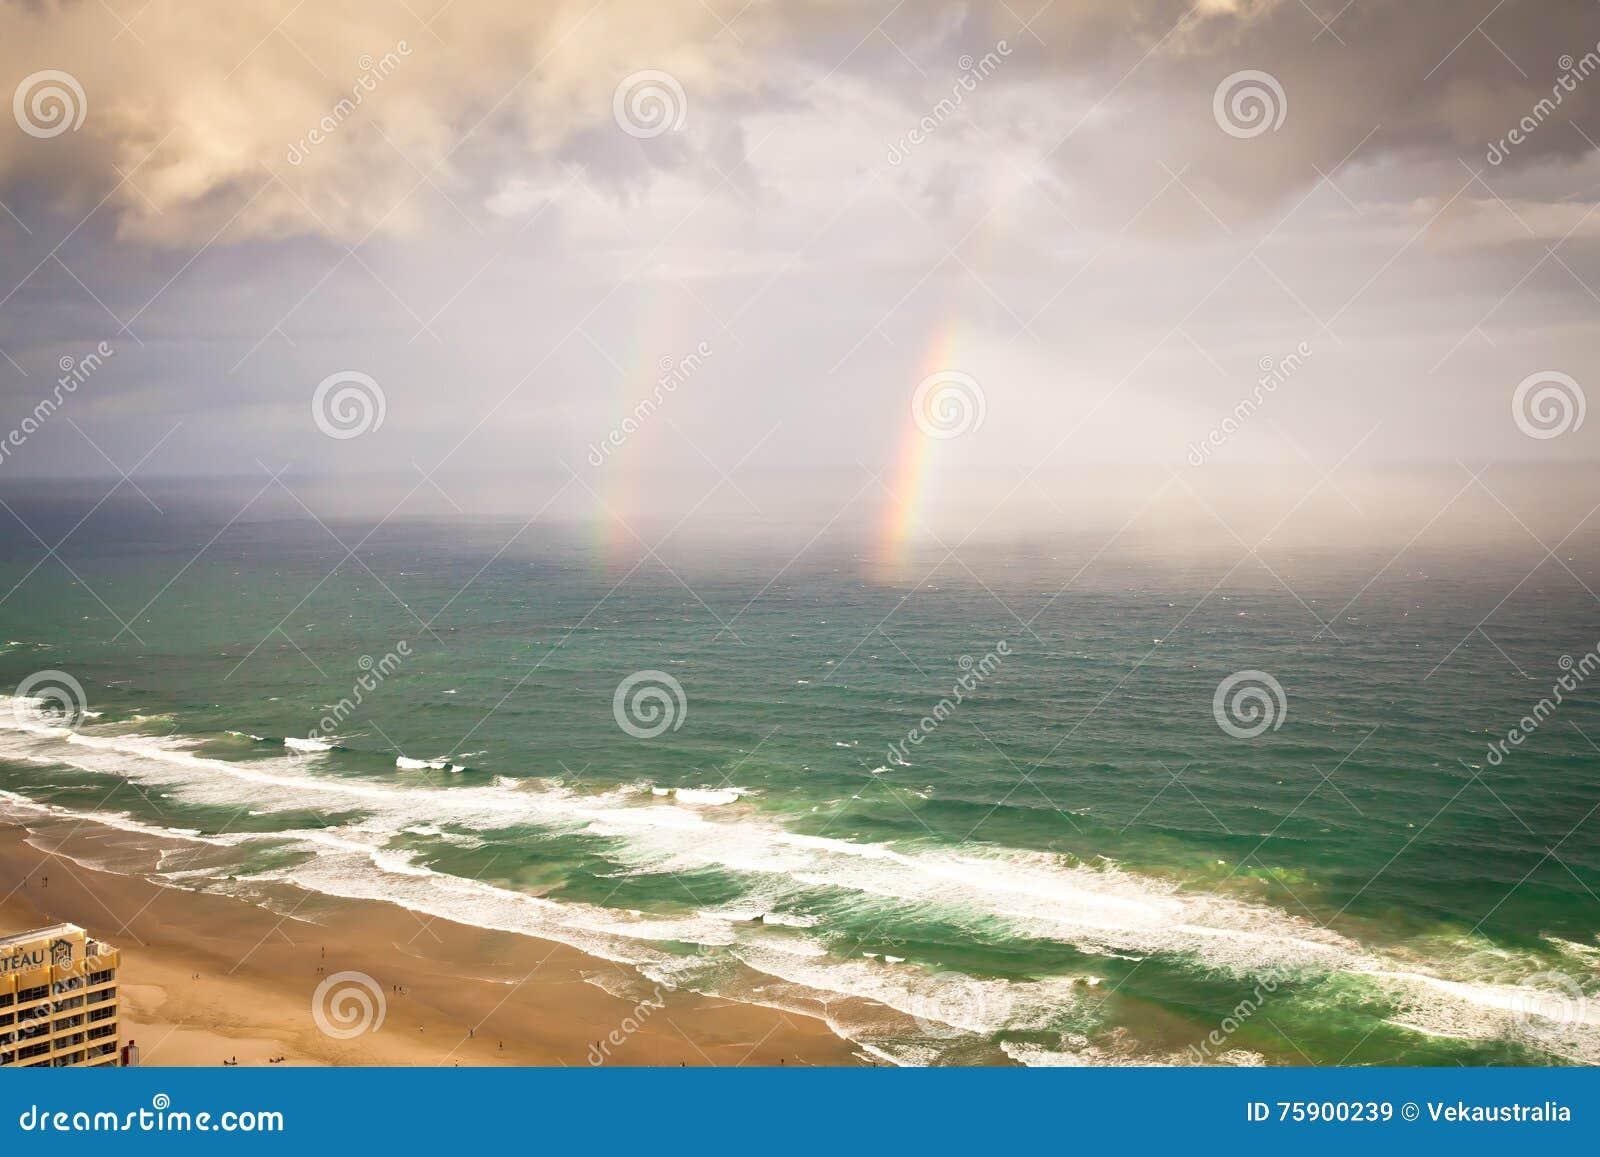 Australie de la Gold Coast Queensland - douches et arc-en-ciel